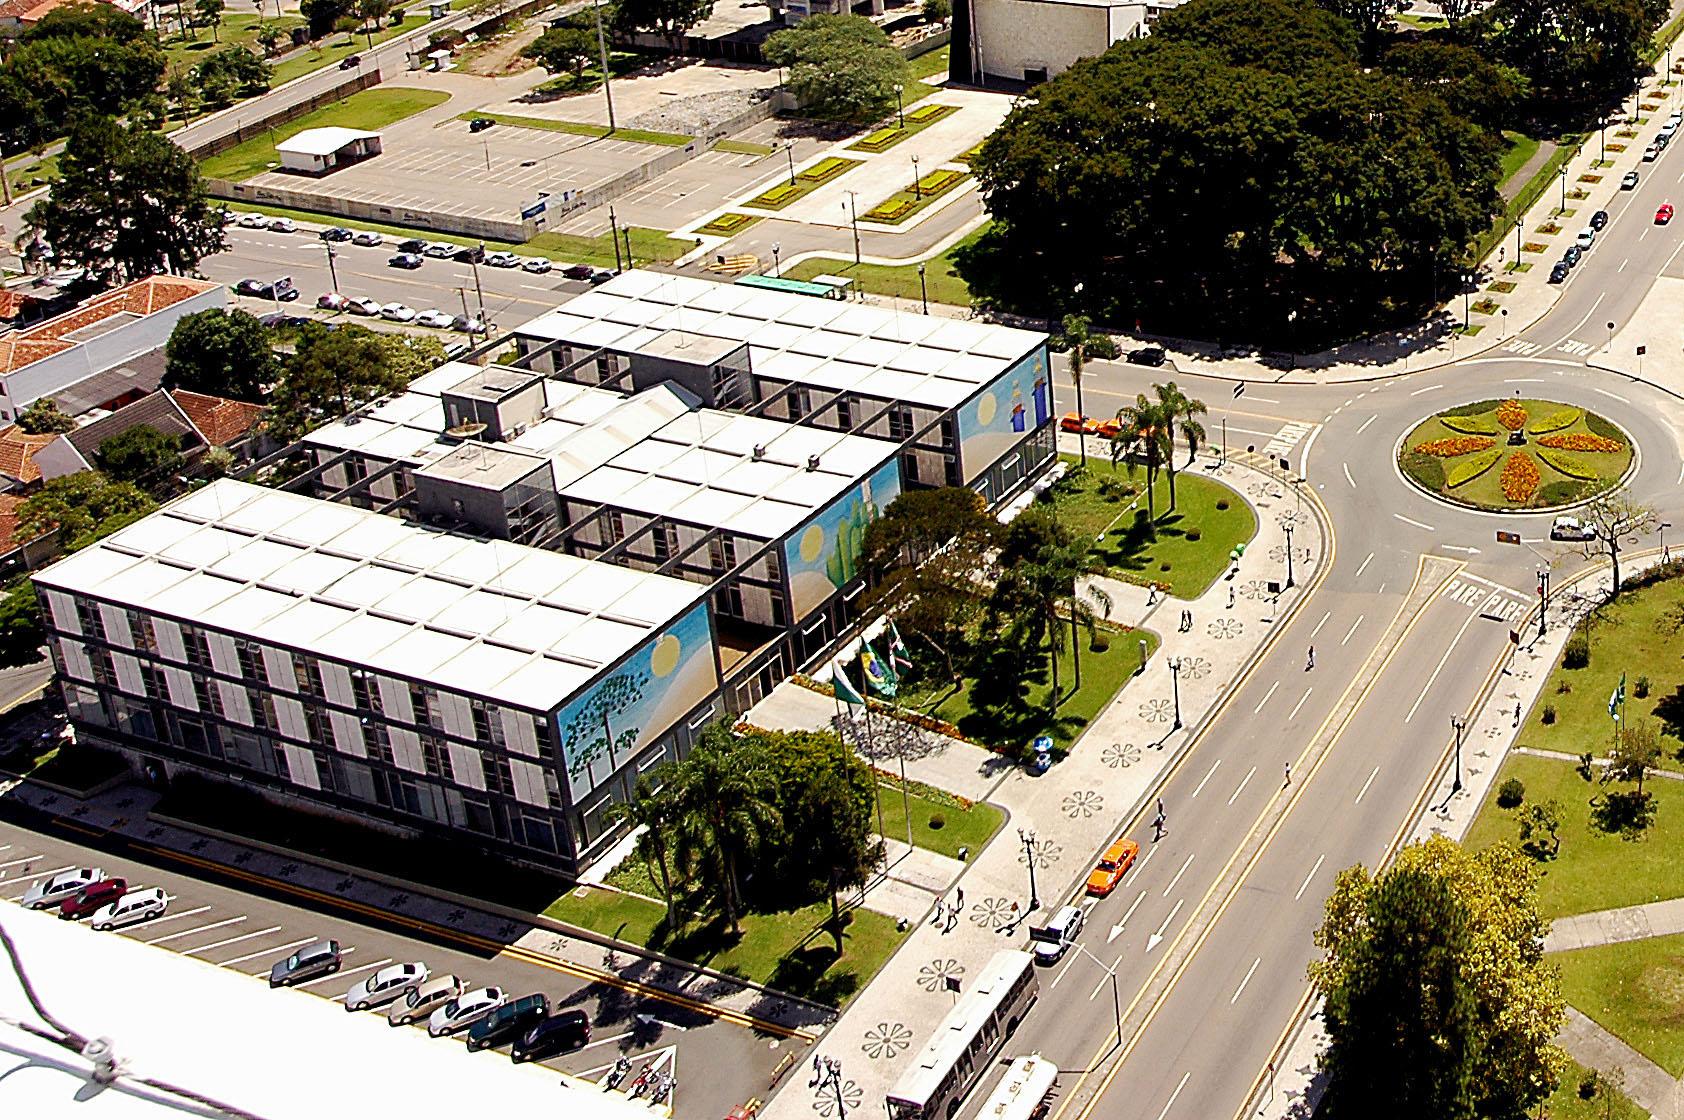 Centro Cívico: arquitetura moderna, uso do concreto armado, linguagem formal, grandes panos de vidros nas fachadas. Crédito: Nani Góis/SMCS